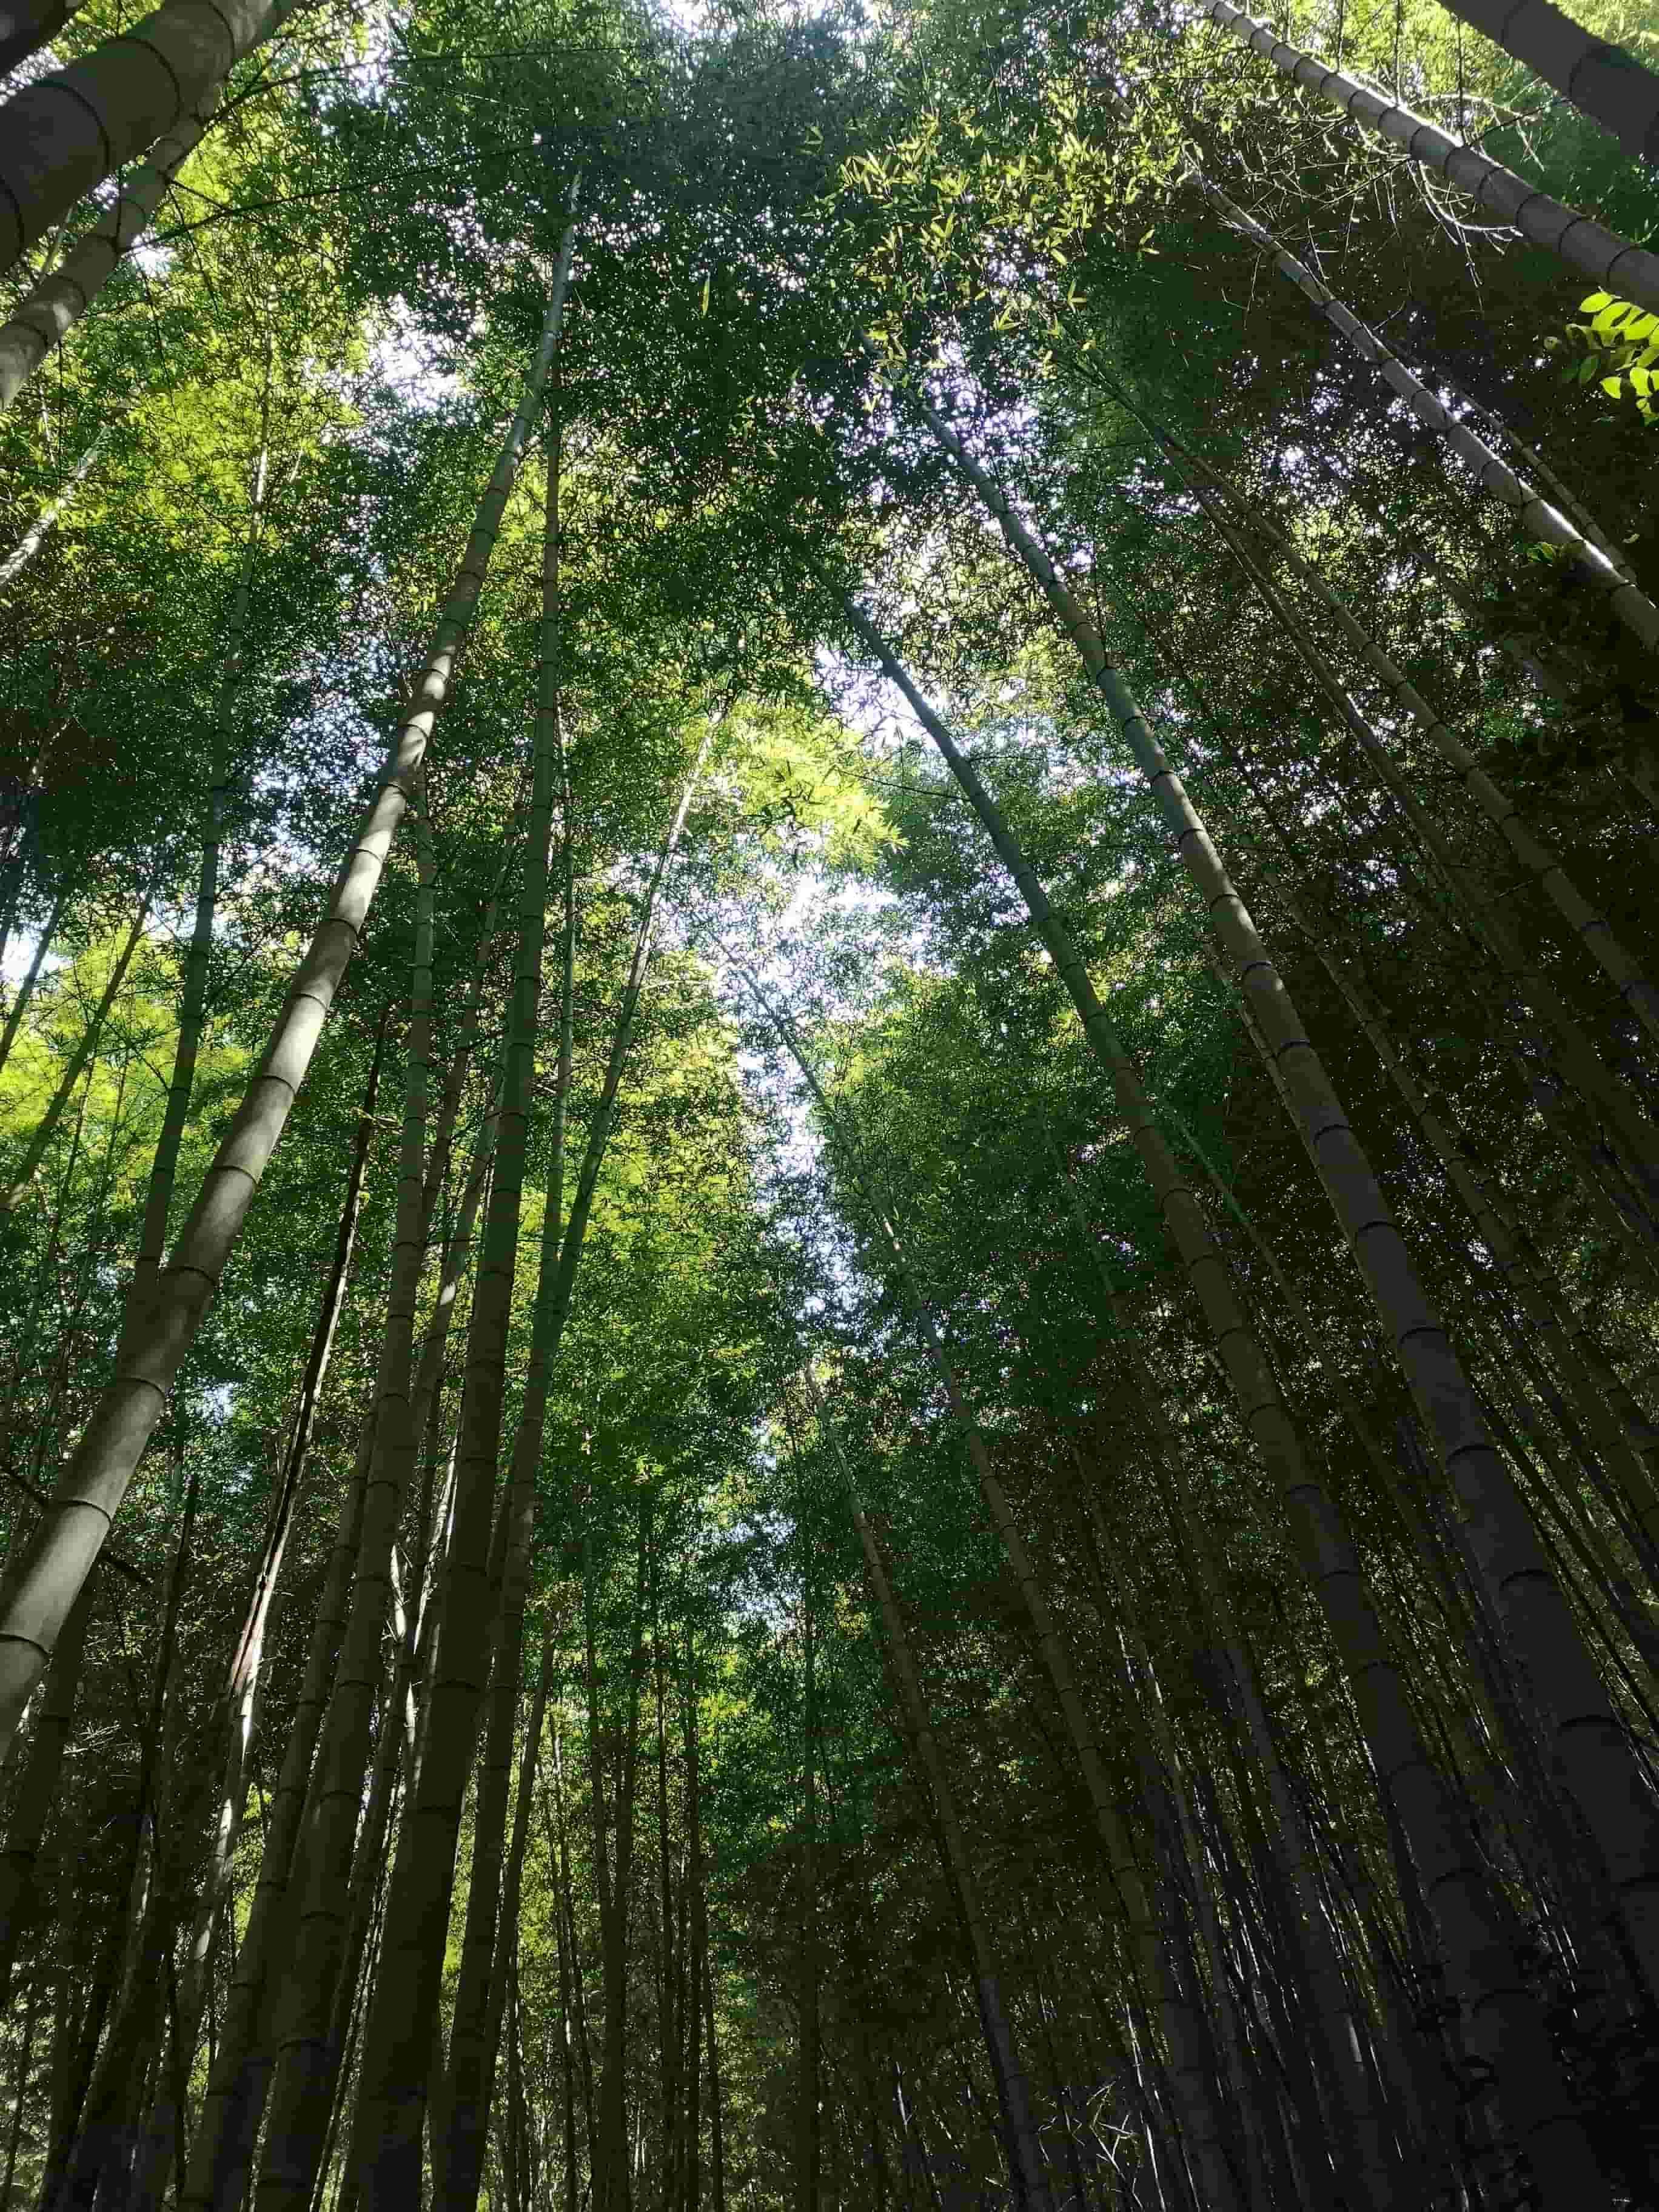 下山遇到的竹林